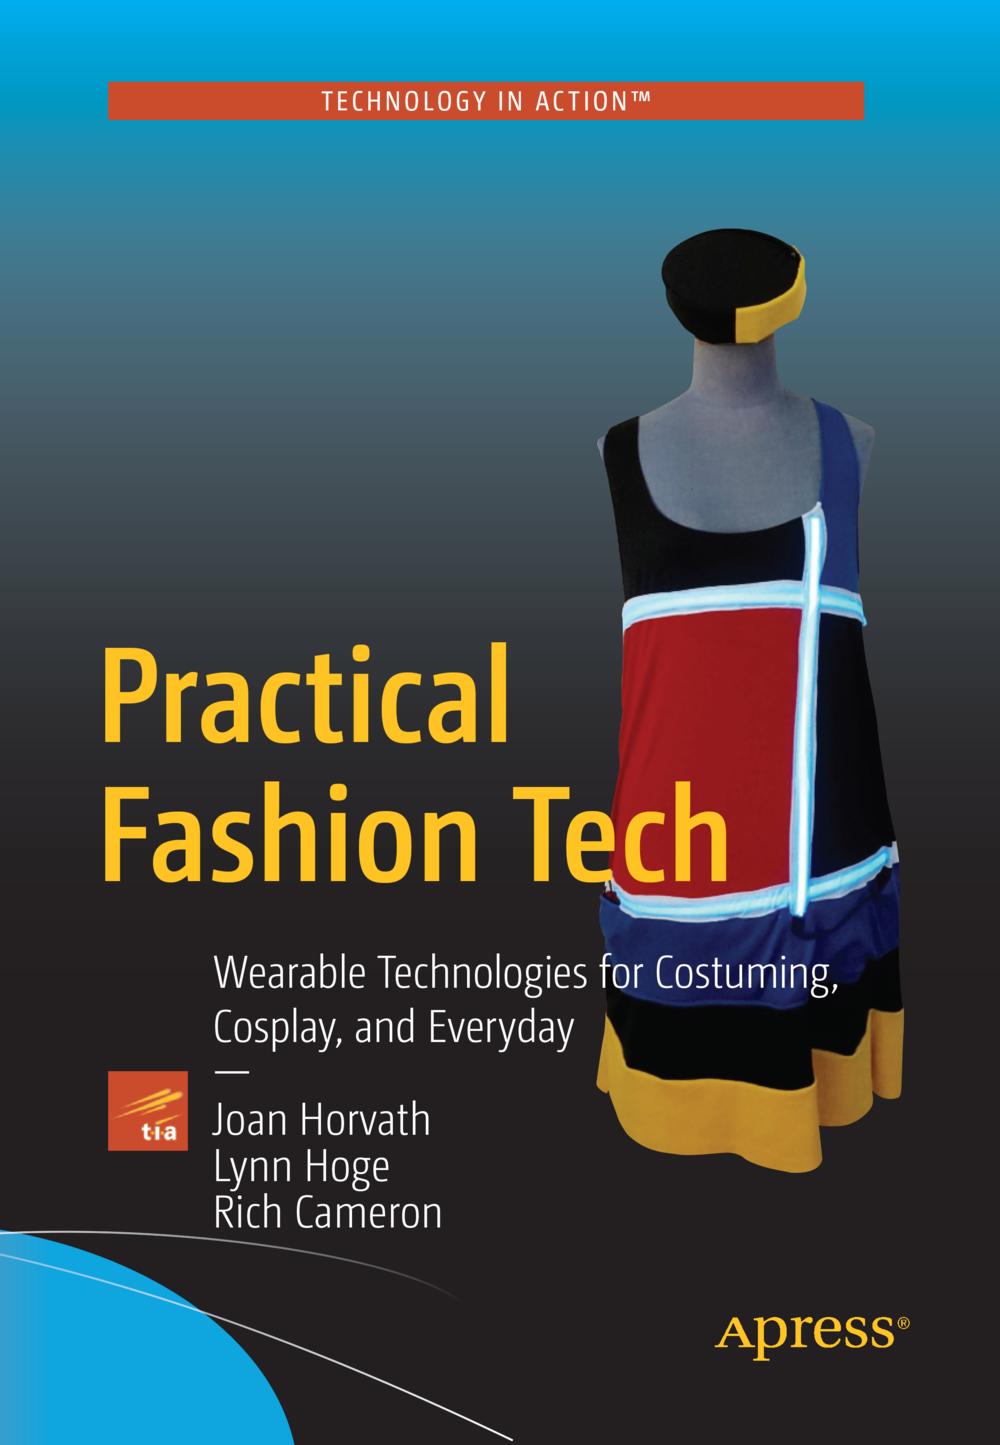 Practical Fashion Tech (Apress, 2016)